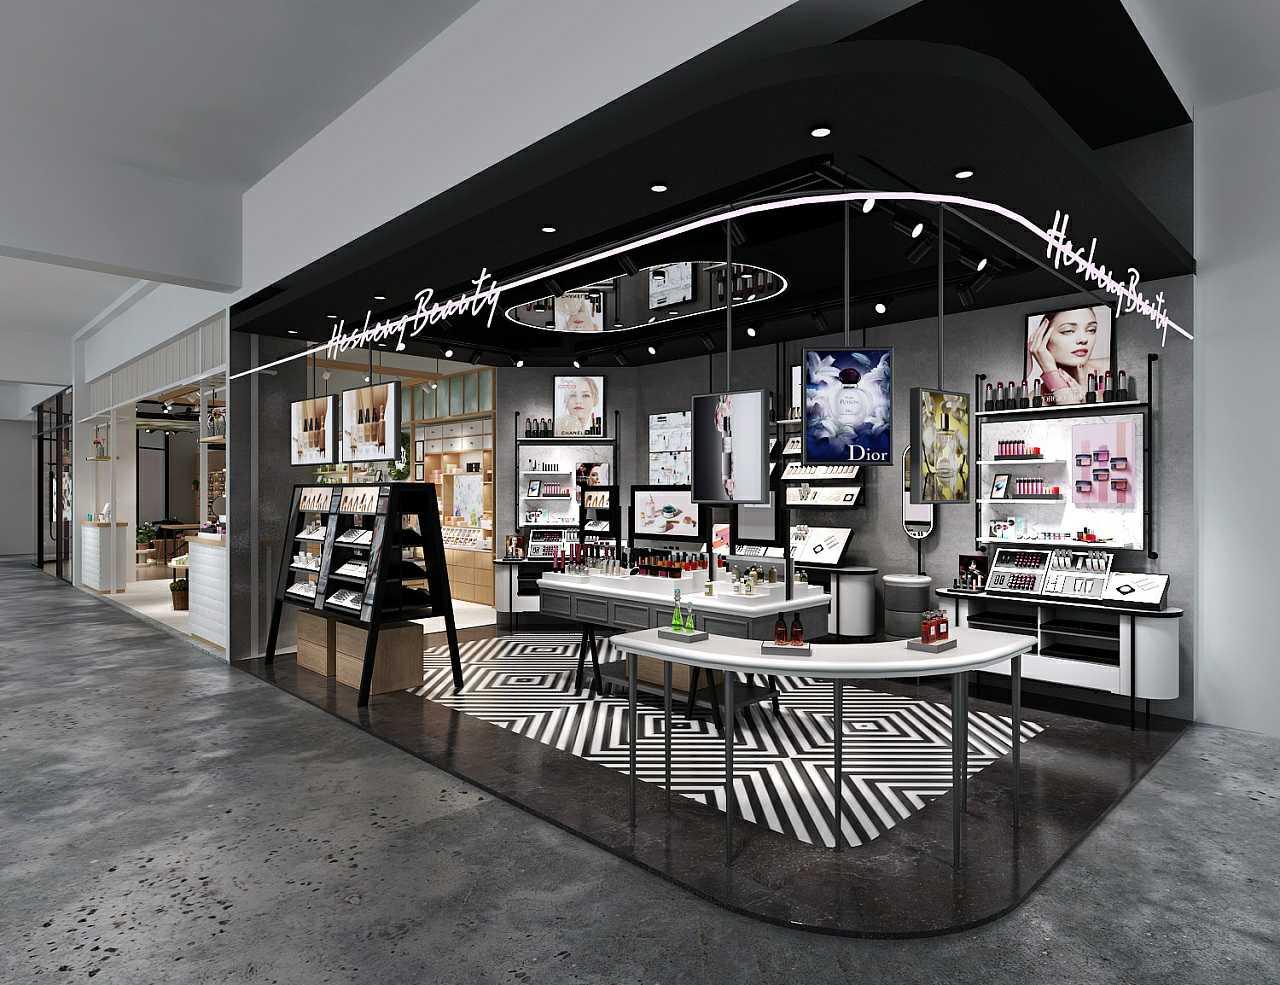 化妆品展柜要想要做到吸引顾客的注意需要做到哪些呢?